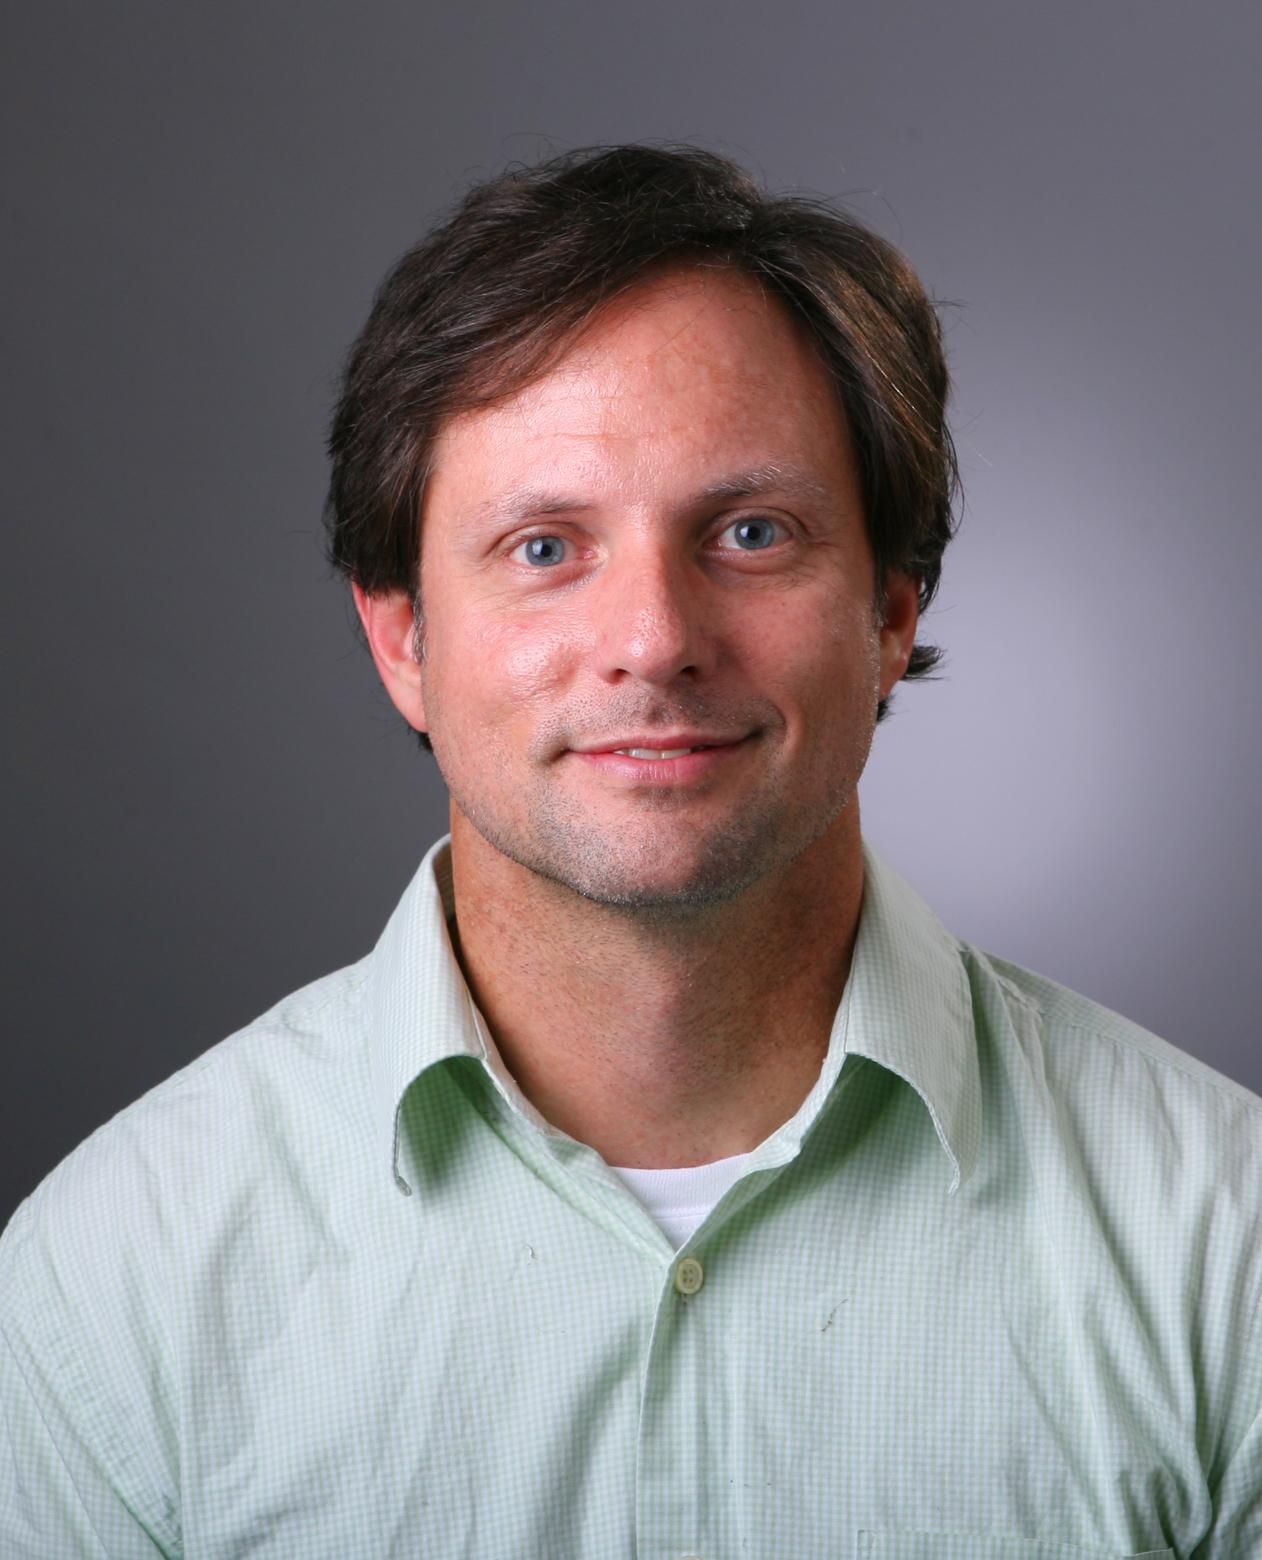 Dr. Grant Gautreaux